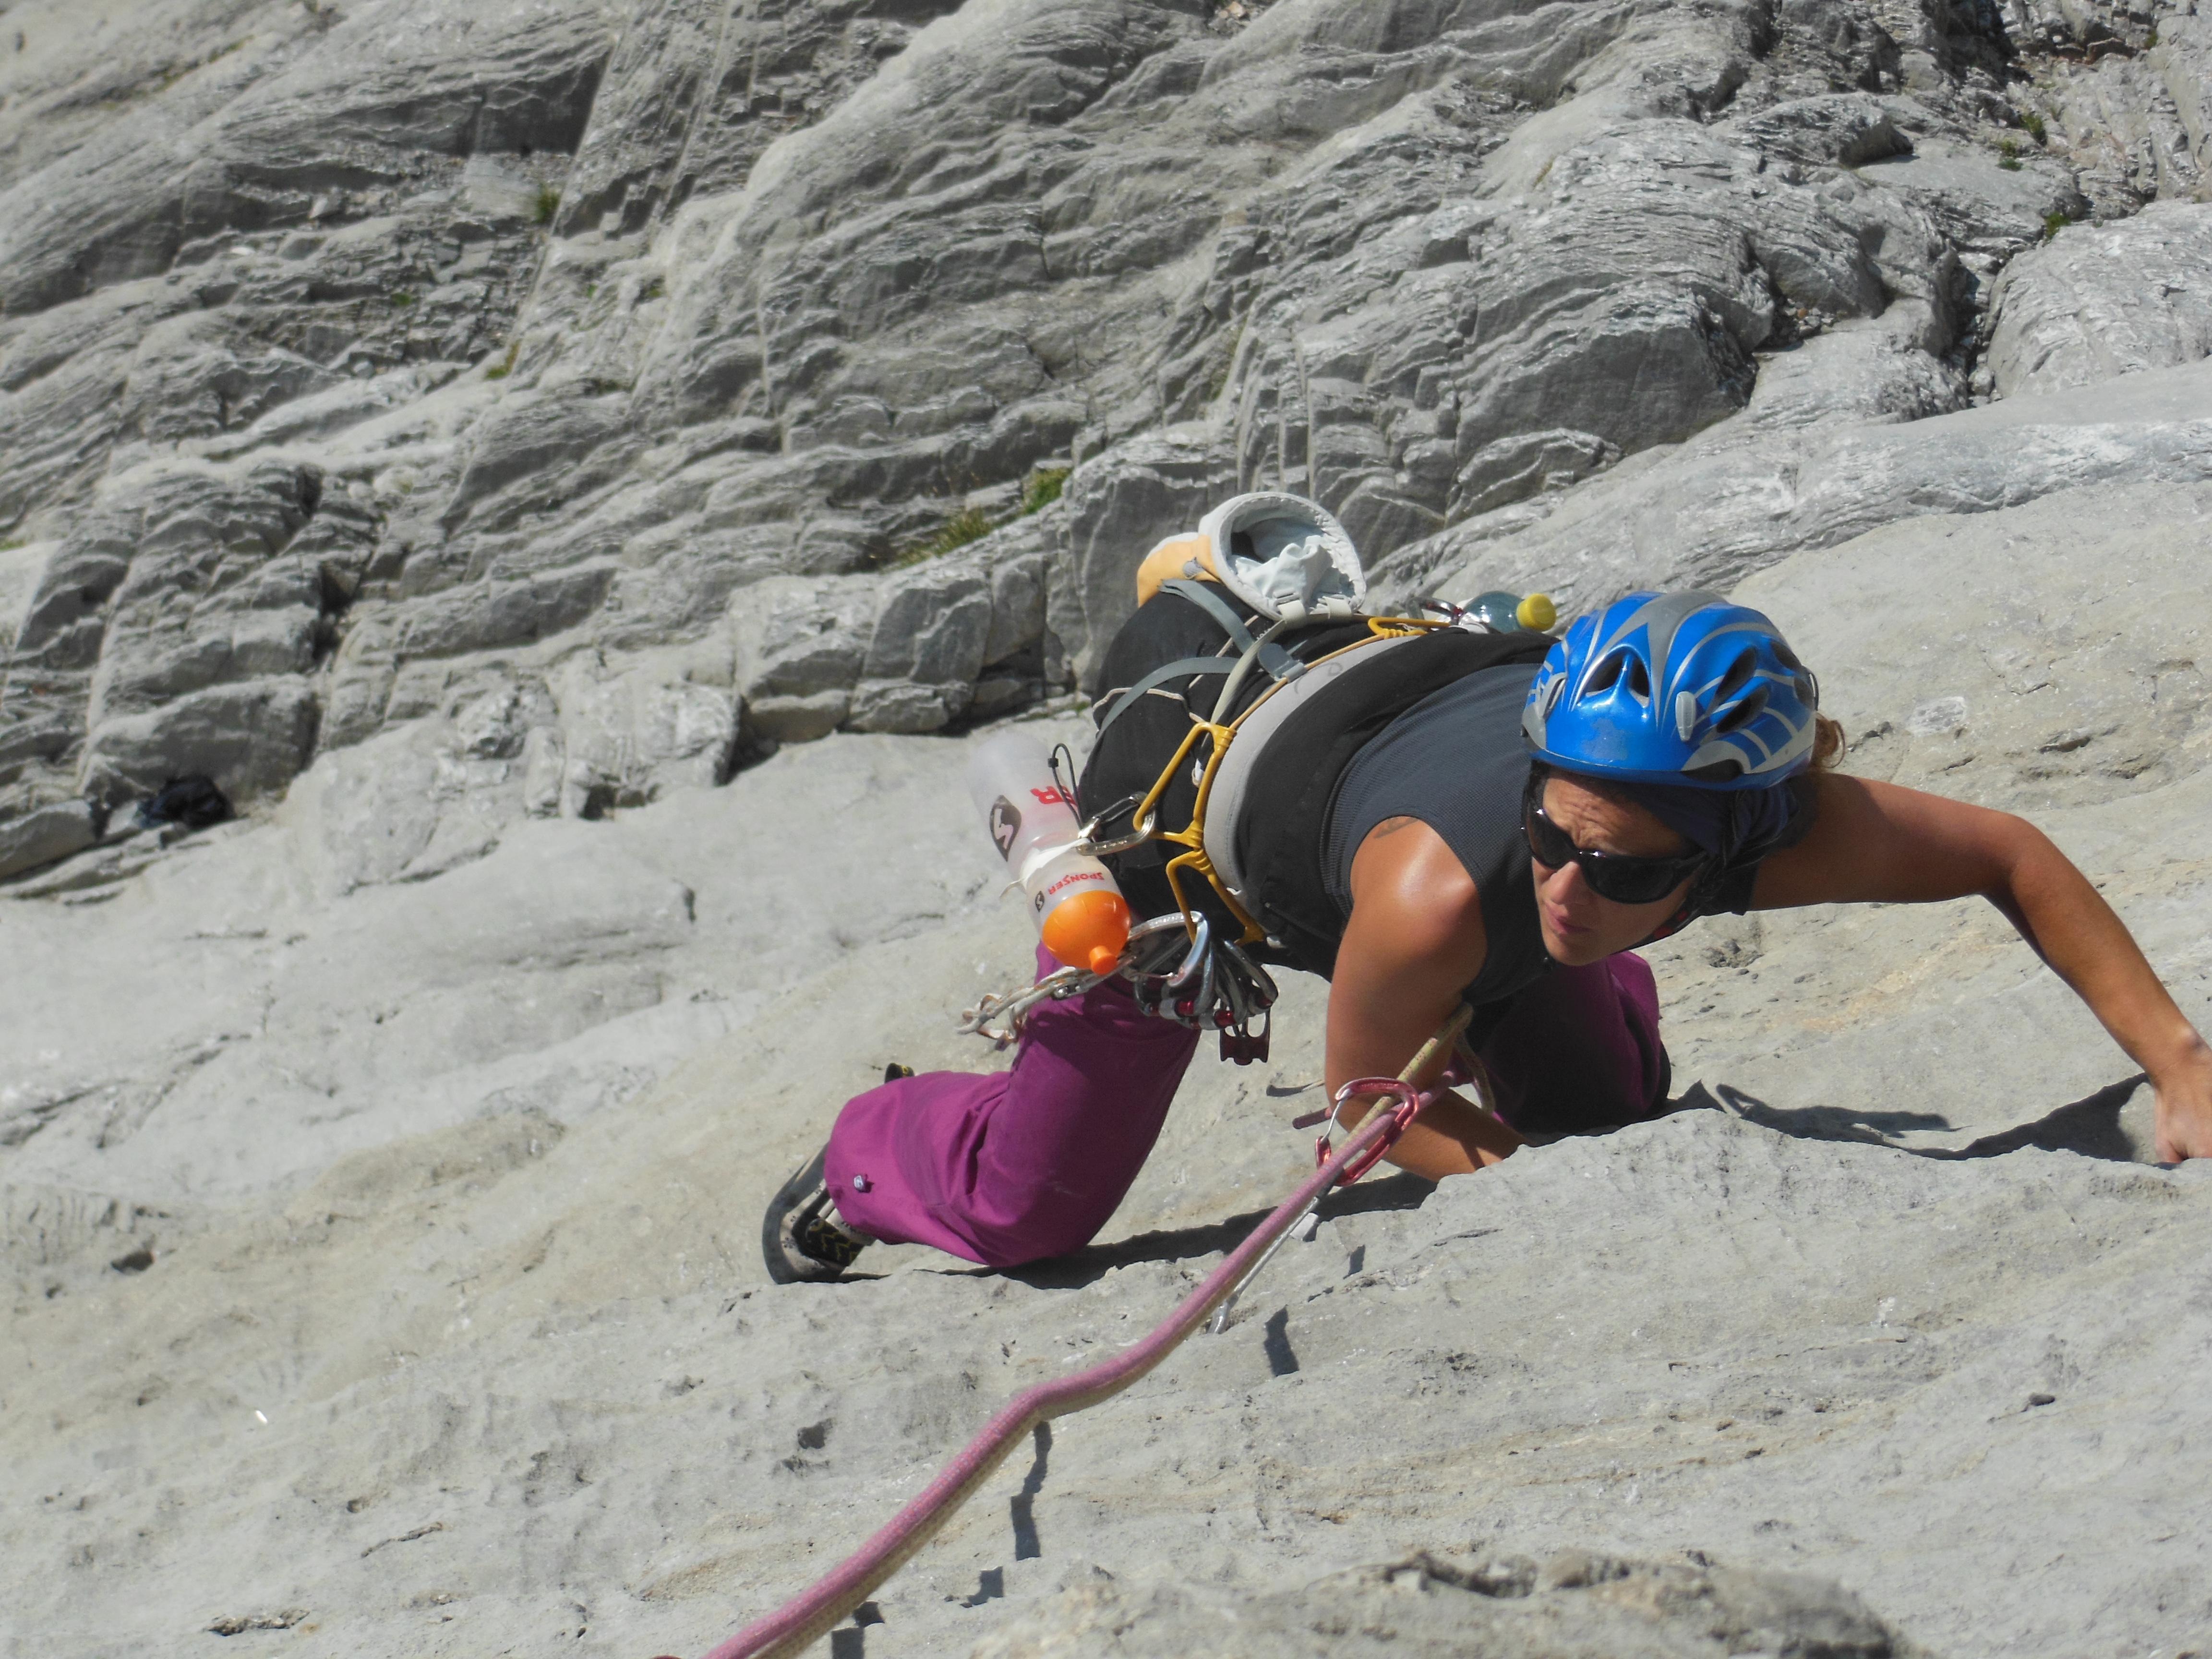 bergsteigen lernen kurs